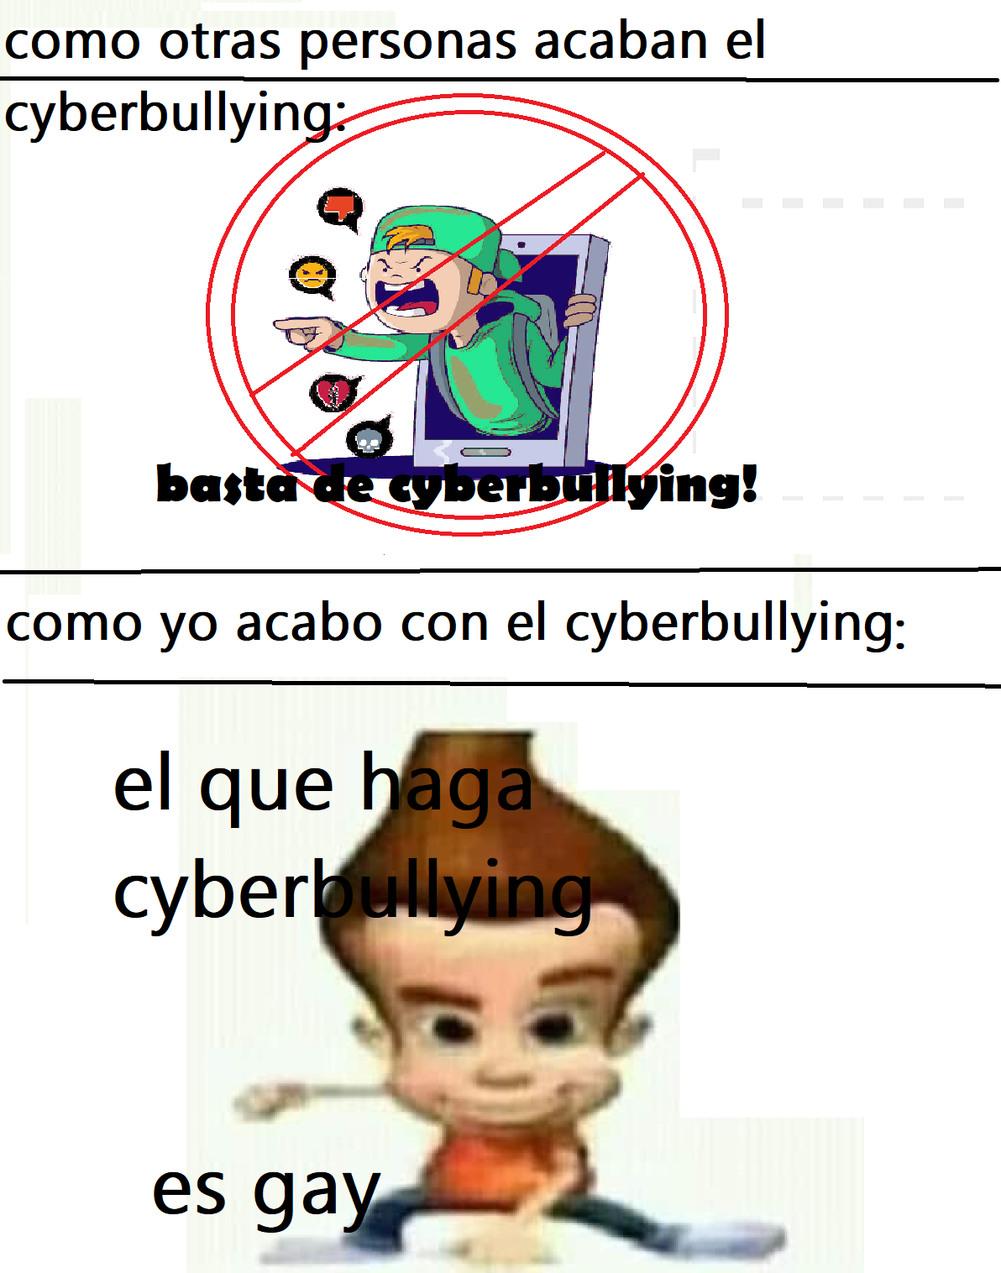 quedaron advertidos, el que haga cyberbullying es gay. nose como escribir ciberbuling._.xd - meme